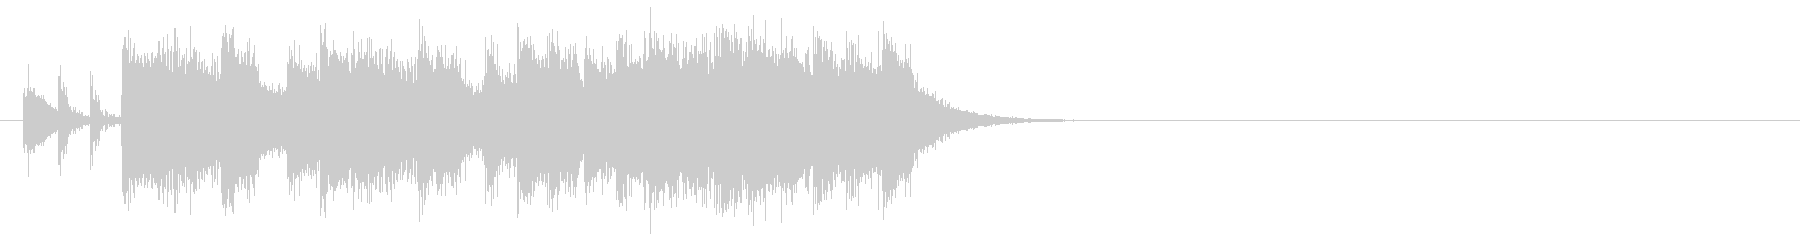 ロック/ヘヴィ・メタル系ジングルの未再生の波形